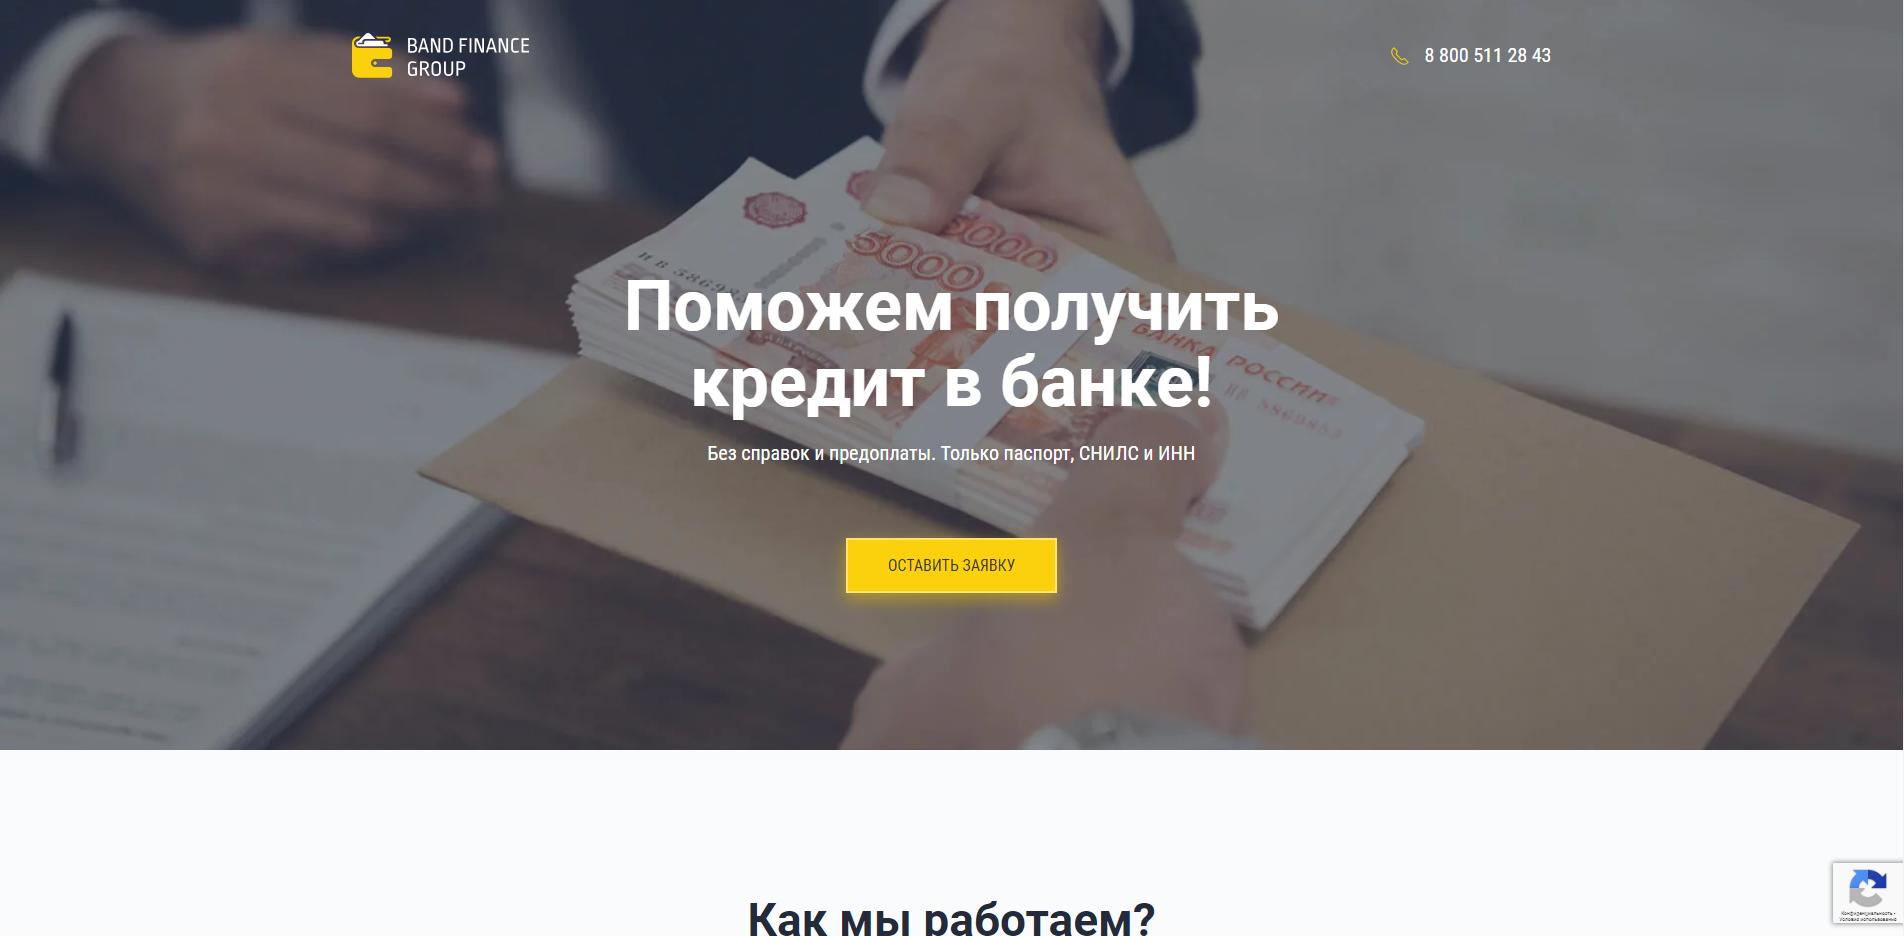 где взять кредит в банке по паспорту и иннкредиты потребительские н новгород